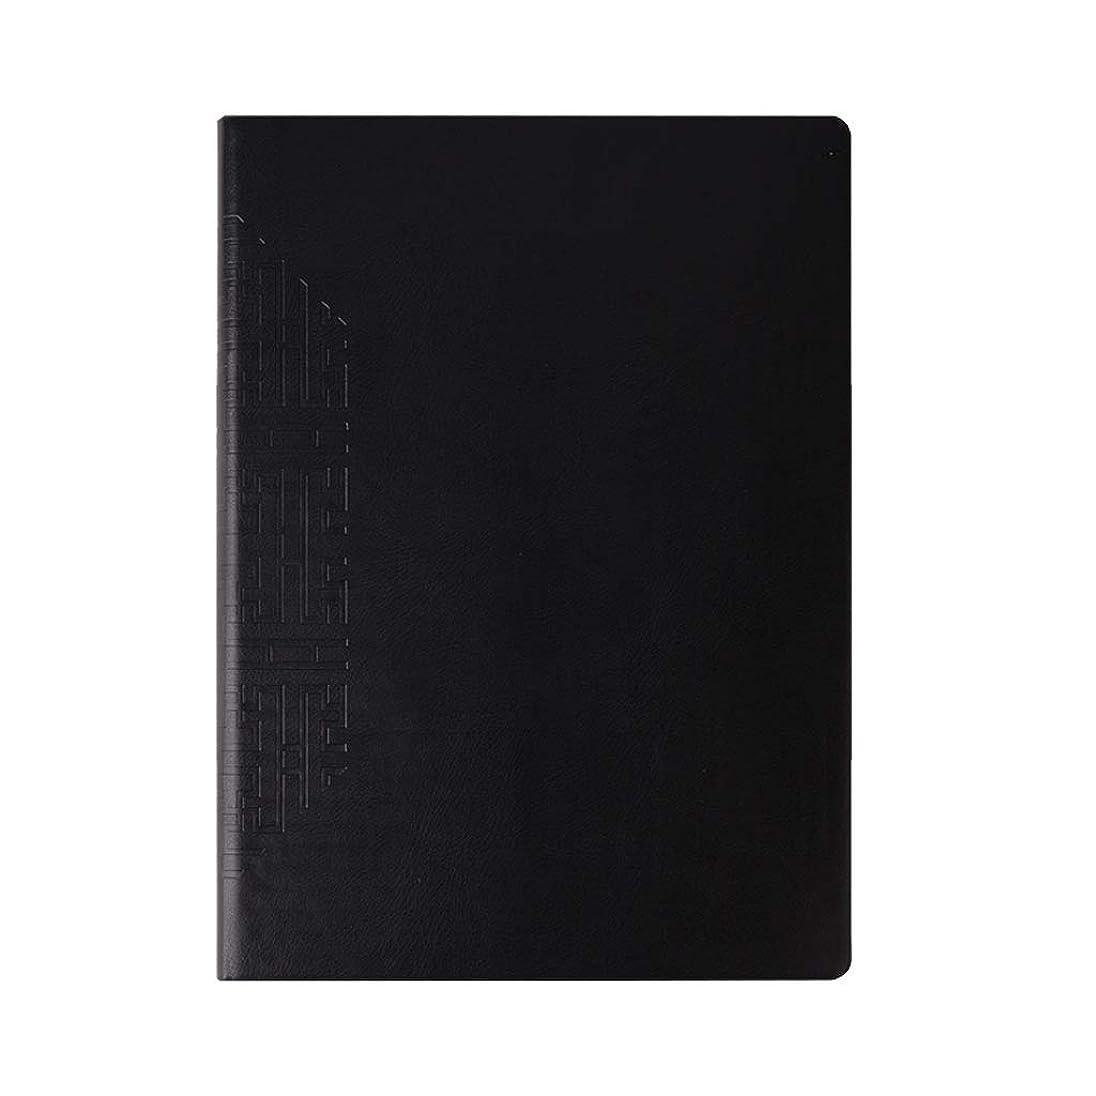 その後ティッシュ役職オフィスノート ノートブックA 4ブラックメモ帳厚い特大ビジネス事務記録帳ソフトレザー352ページ (Color : Black, サイズ : 29*21.5cm)